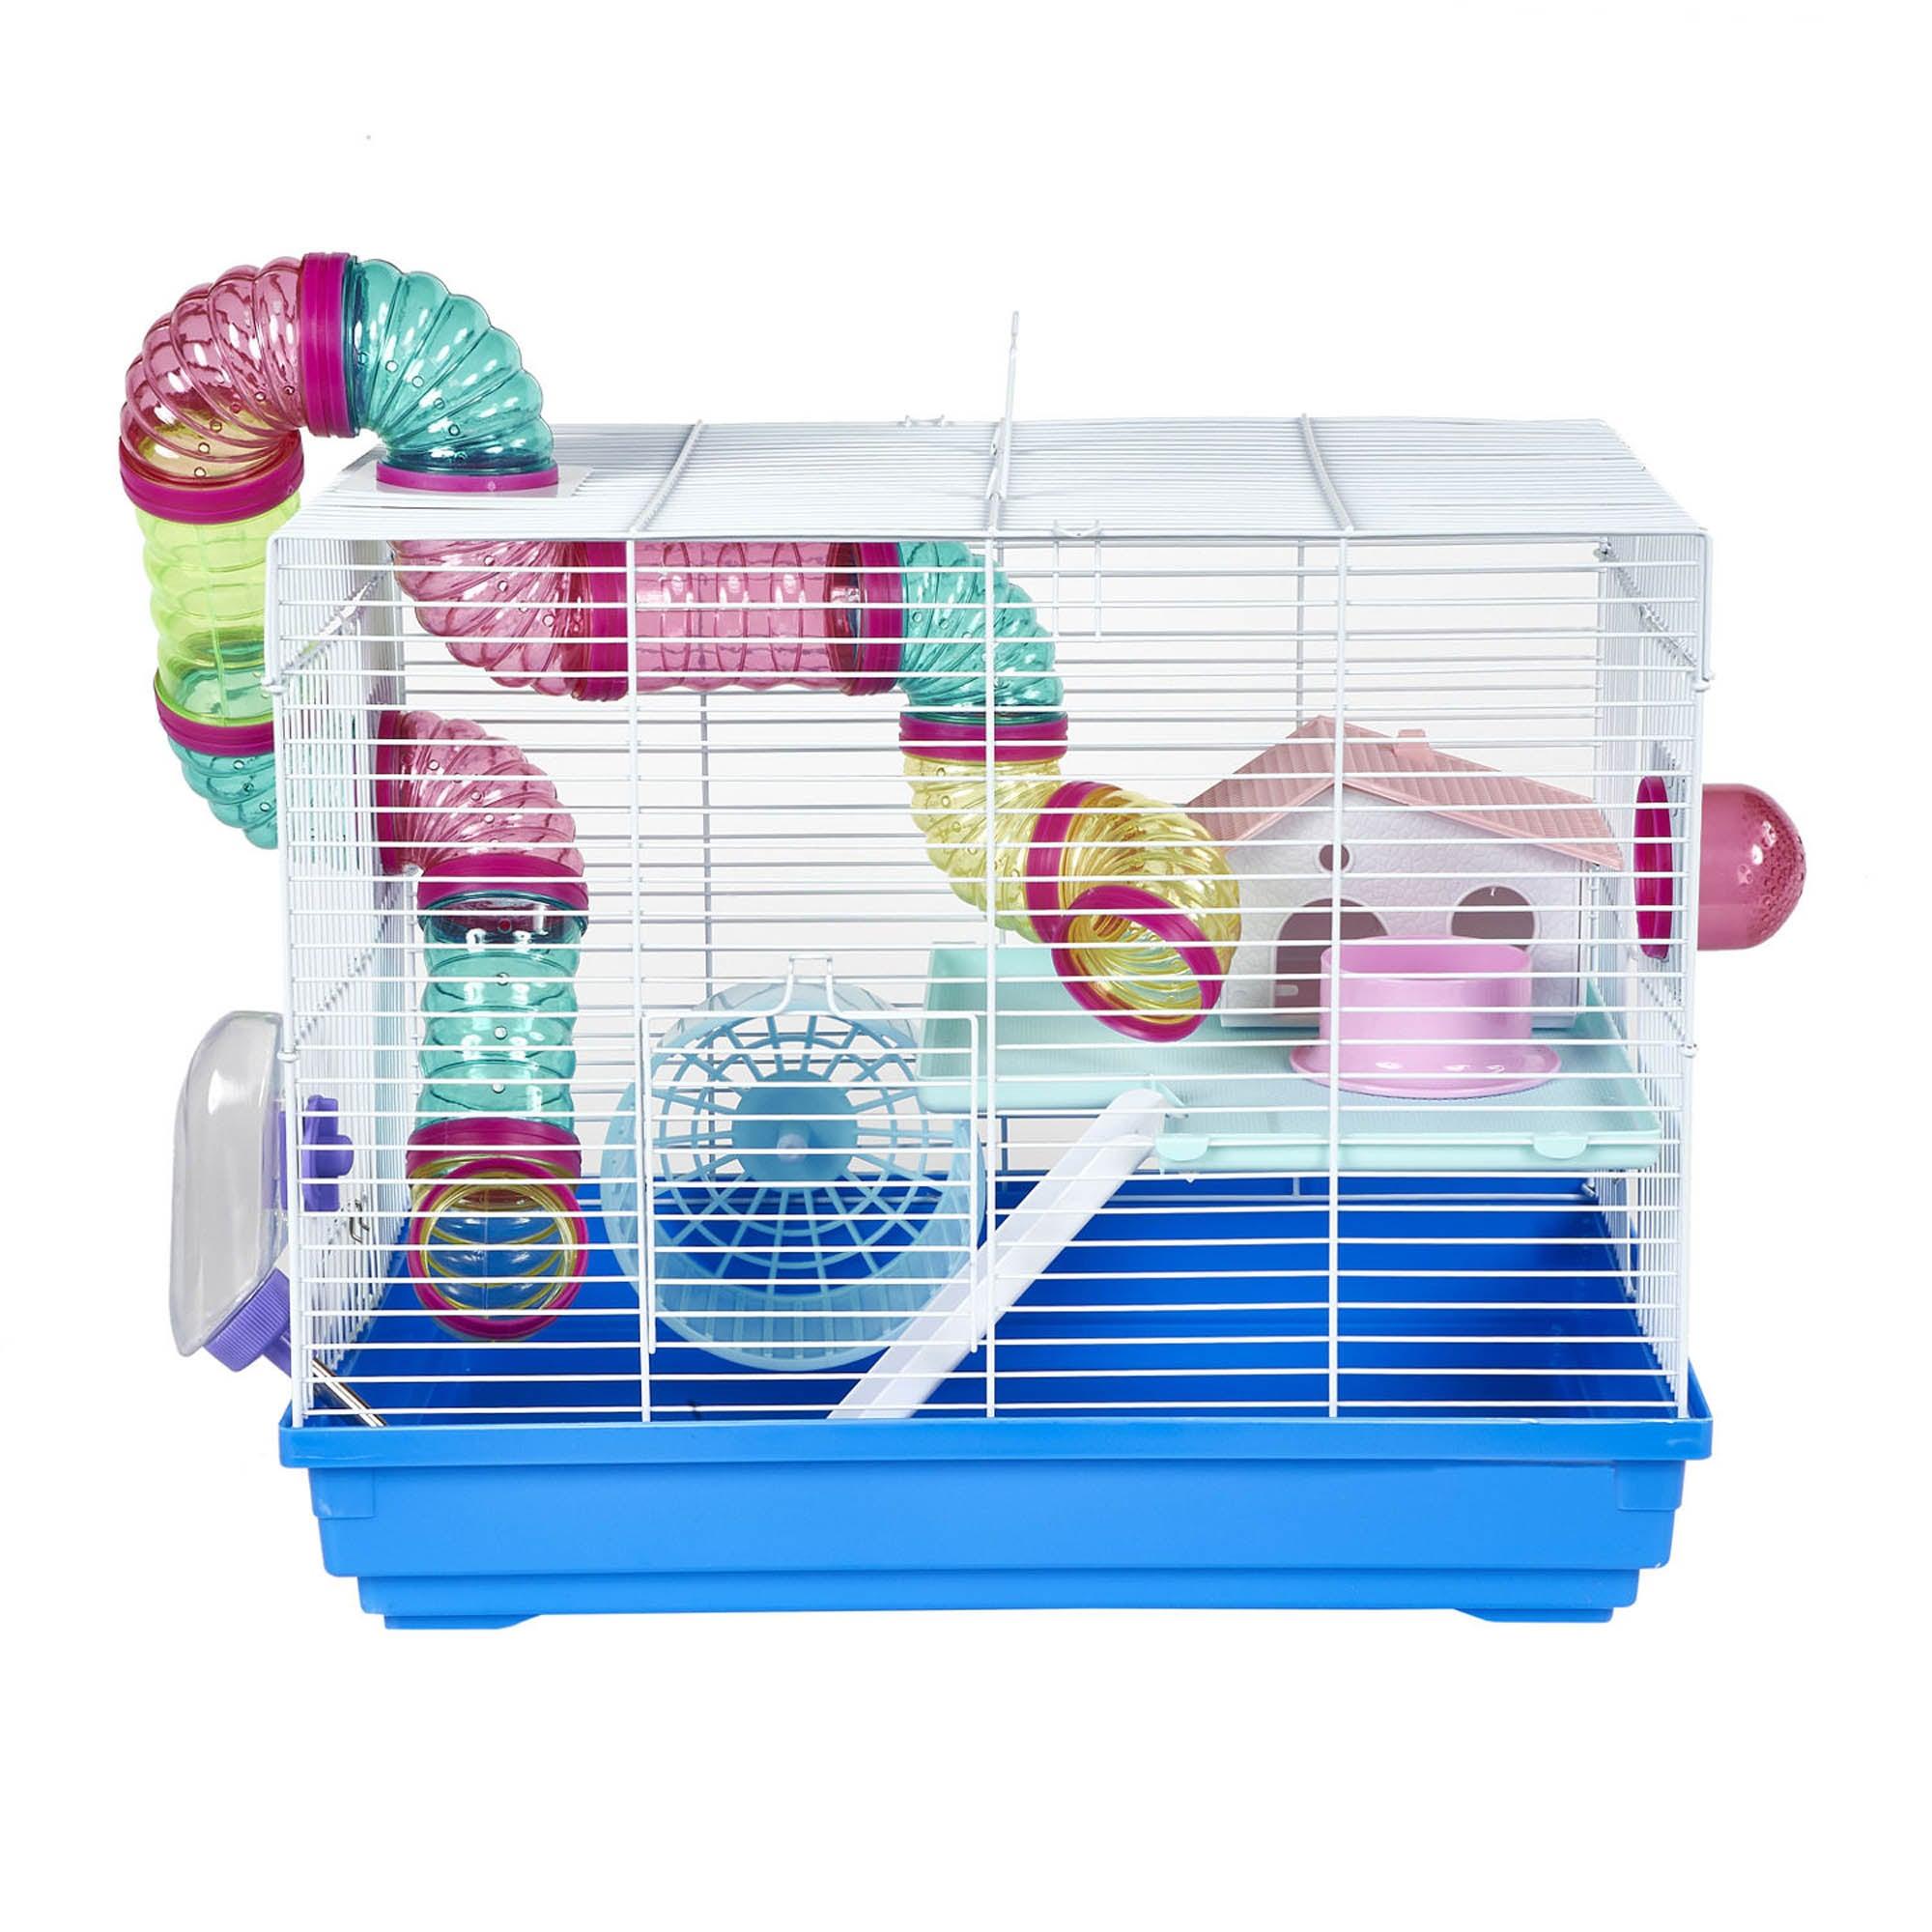 Hugo Blue Hamster Cage Kingfisher (Blue)